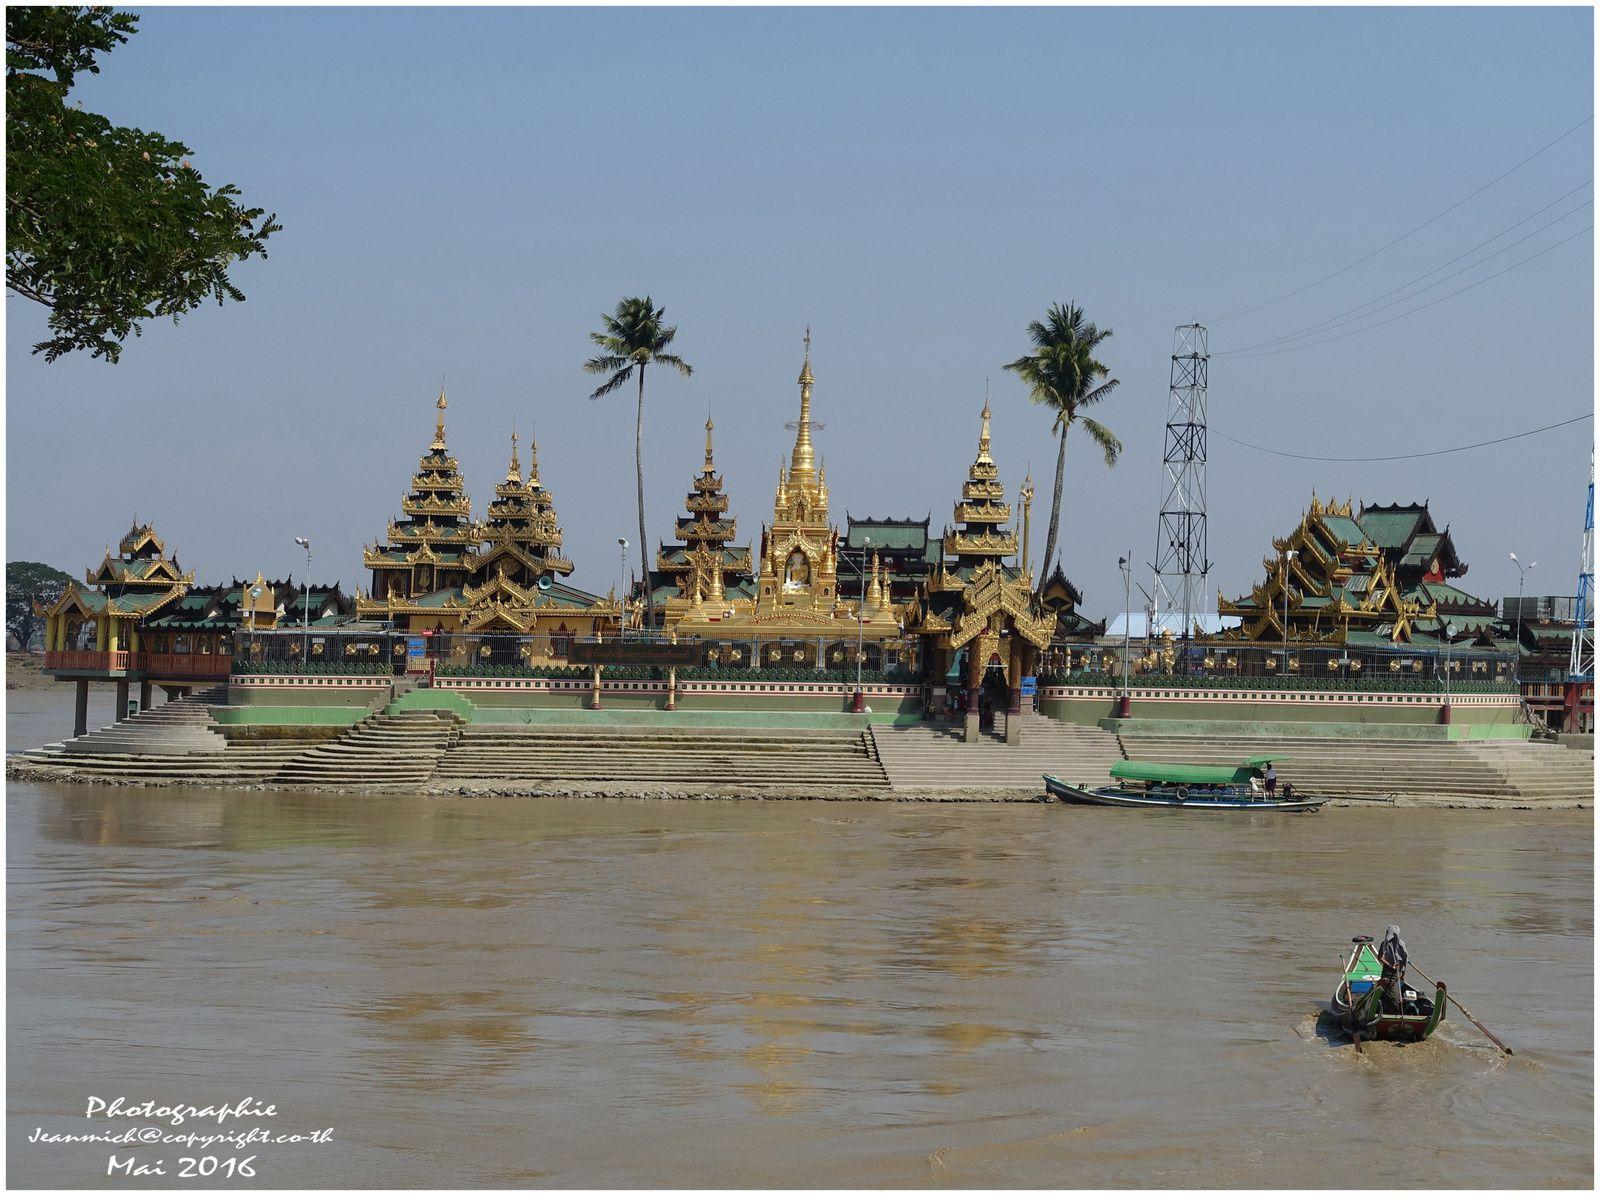 Thalyin Temple sur une île au milieu de la rivière (Myanmar)